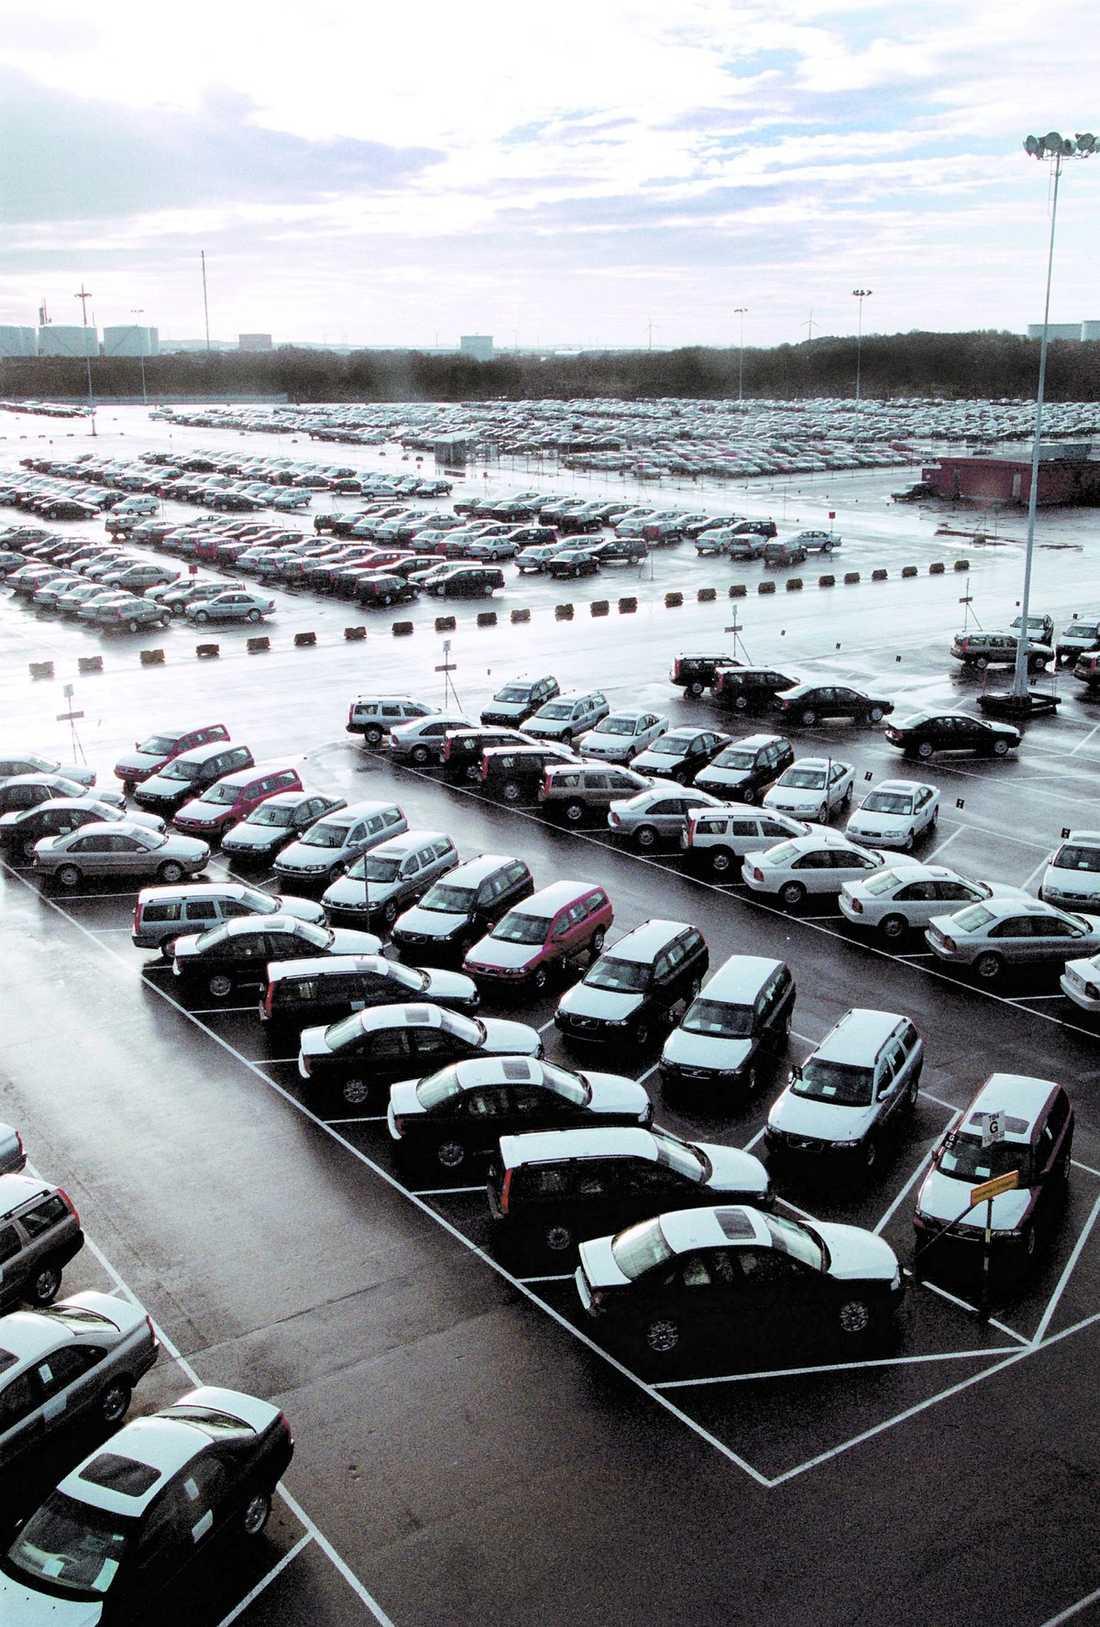 Sverige. Enligt uppgifter ligger Geelys bud på 2,8 miljarder dollar.Inte bara Volvo I framtiden lär det inte stå bara Volvobilar på parkeringen. I dag kan Aftonbladet avslöja att kinesiska biltillverkaren Geely tar över och det innebär att kinesiska lågprisbilar både ska utvecklas och tillverkas i